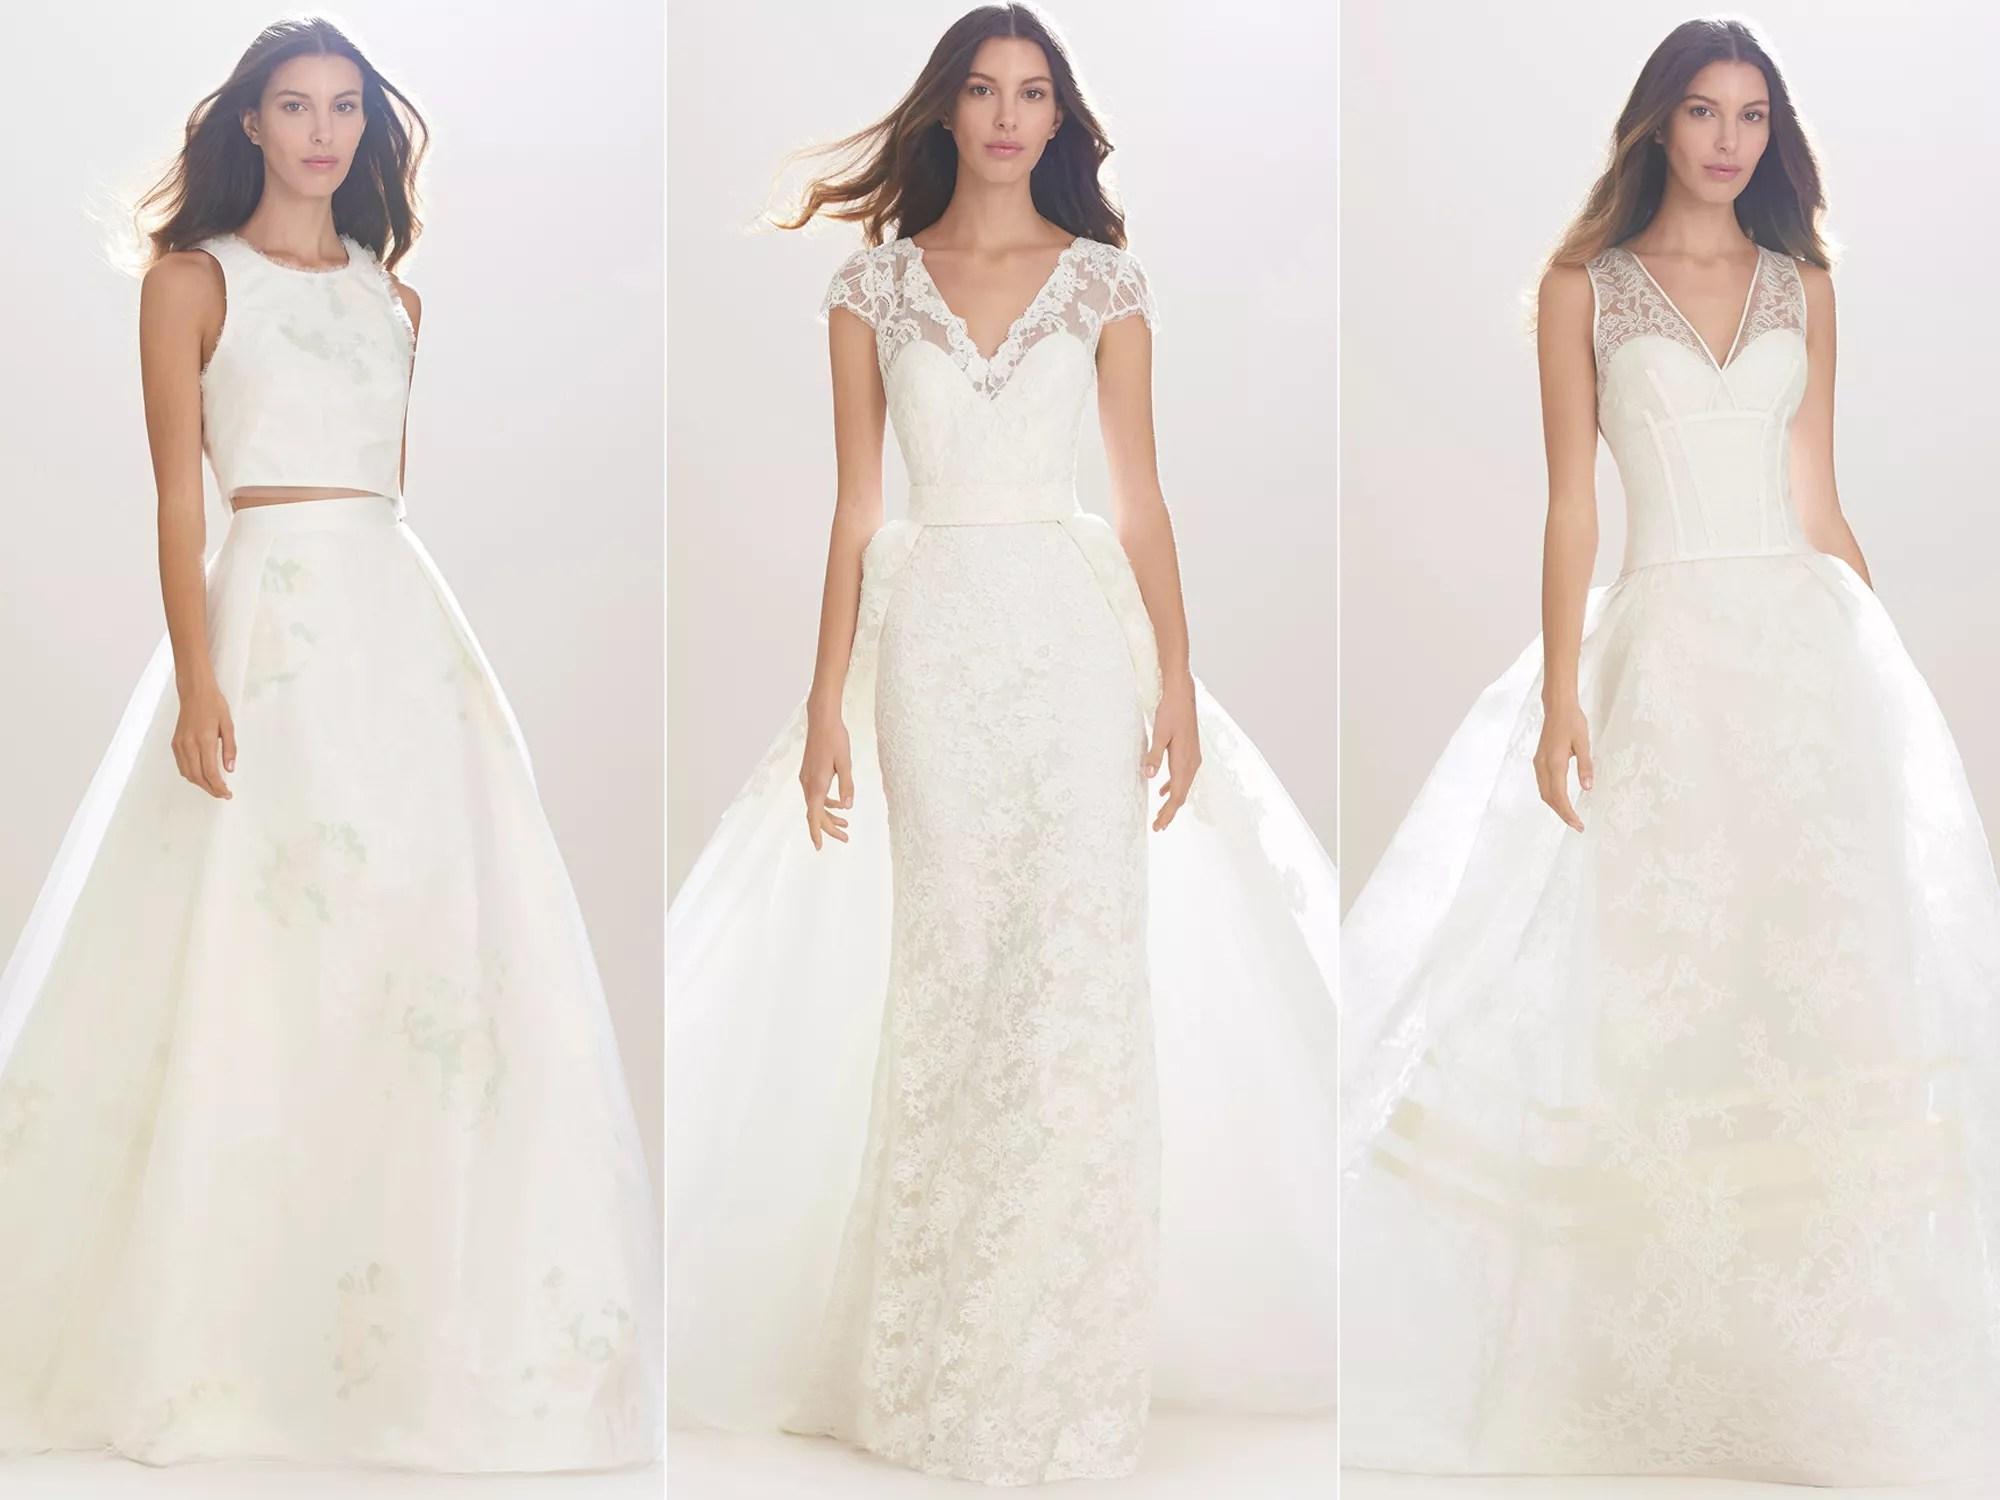 Carolina Herrera Fall 2016 Collection: Wedding Dress Photos